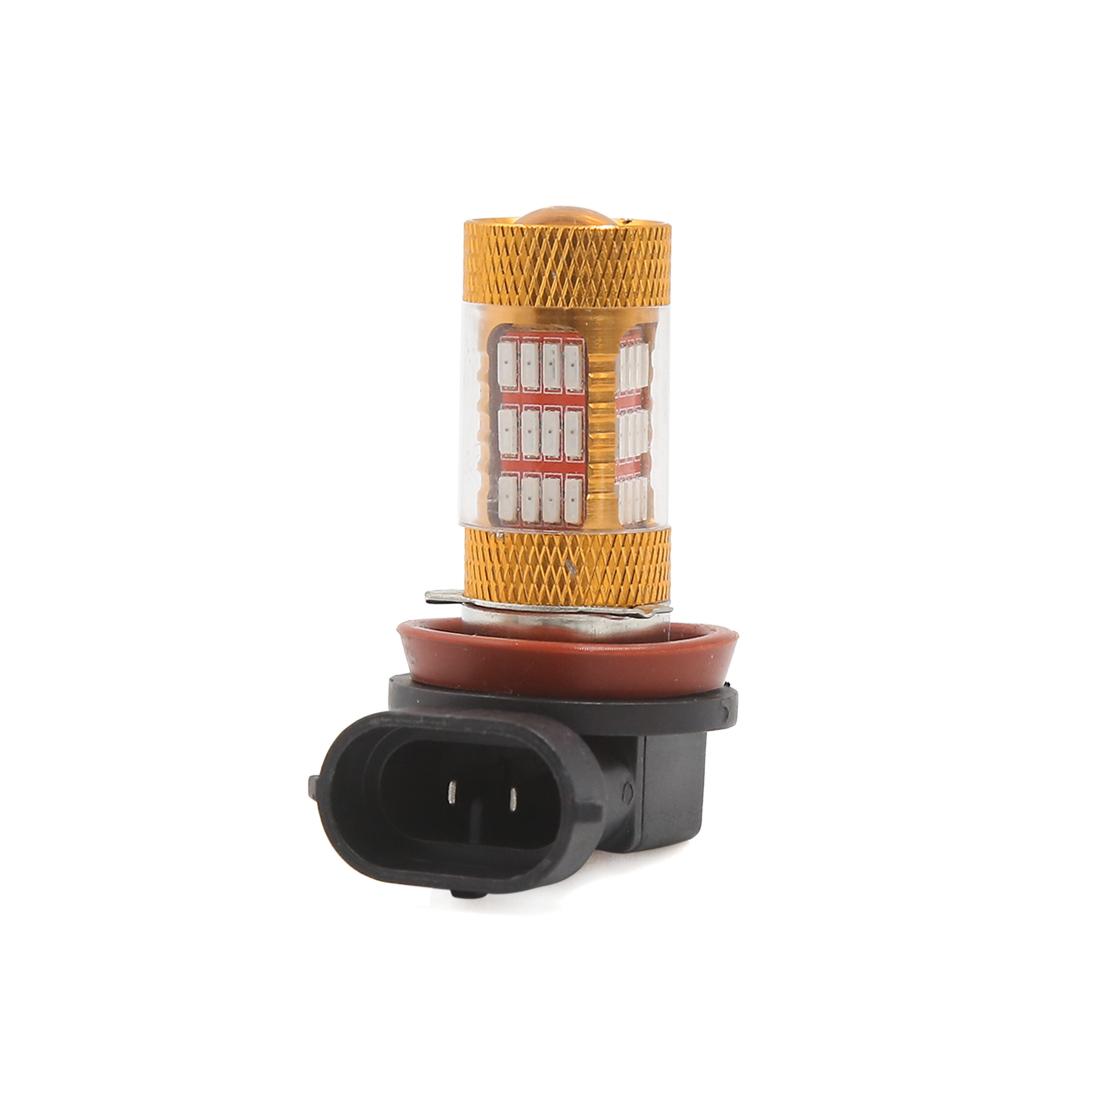 DC 12V H8 H11 54 Red LEDs 4014 SMD Driving Fog Lamp Light Bulb for Car